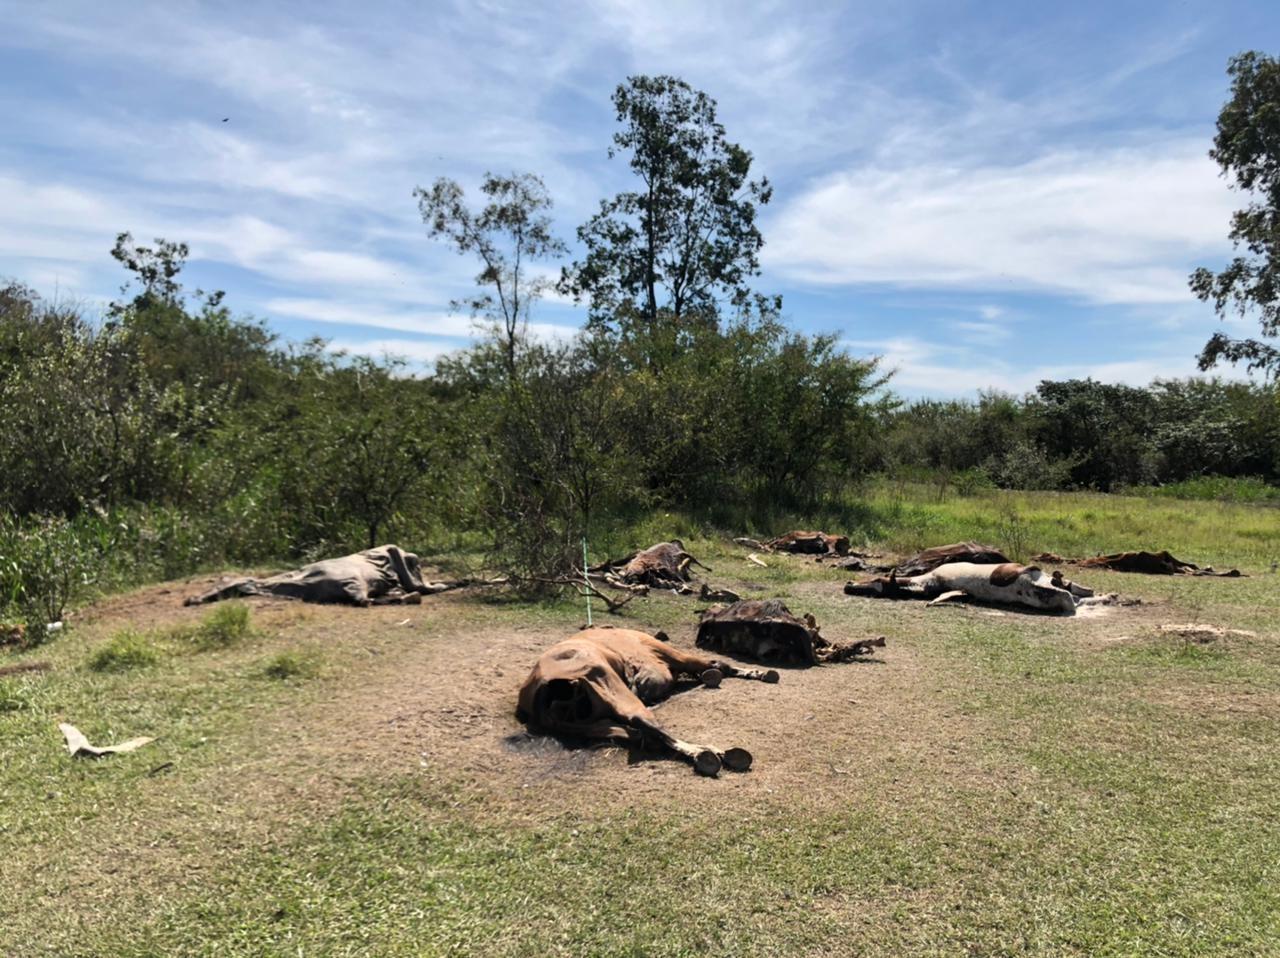 Polícia investiga possível cemitério de cavalos em Nova Santa Rita